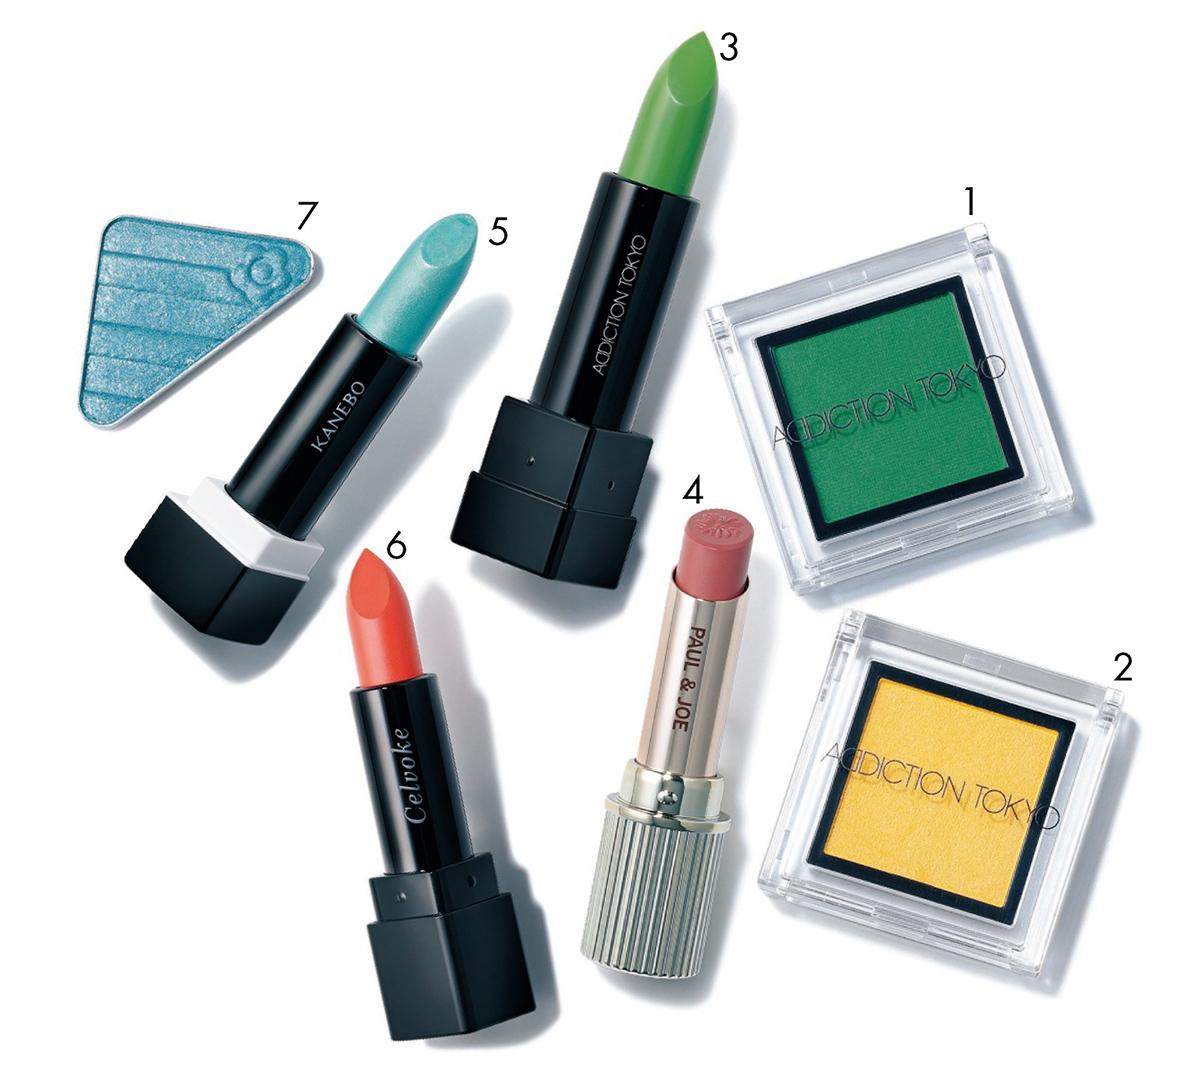 1 「普段使いしやすいシアーな発色も魅力」。ザ アイシャドウ L New Forest・2 同Amaltas Yellow 各¥2,000〈限定品〉・3 「血色リップに重ねると深みが出ます」。カラーコントロール リップバーム Tulsi Green ¥2,800〈限定品〉/ADDICTION BEAUTY 4 「目もとに色を持ってくる場合、唇はヌーディにして抜け感を」。リップスティック N 315 ¥3,000(ケース込み)/PAUL & JOE BEAUTE 5 「サイバーなブルーメタリックパールが新鮮。派手な色に重ねて」。カネボウ Nールージュ 113 ¥4,000〈2月7日発売〉/カネボウインターナショナルDiv. 6 「肌になじむオレンジはカラフルなアイメイクとも相性抜群」。ディグニファイド リップス 33 ¥3,200/セルヴォーク 7 「まぶたにのせ、赤のアイライナーでコントラストをつけたい」。アイオープナー S003 ¥1,200〈2月1日限定発売〉/マリークヮント コスメチックス